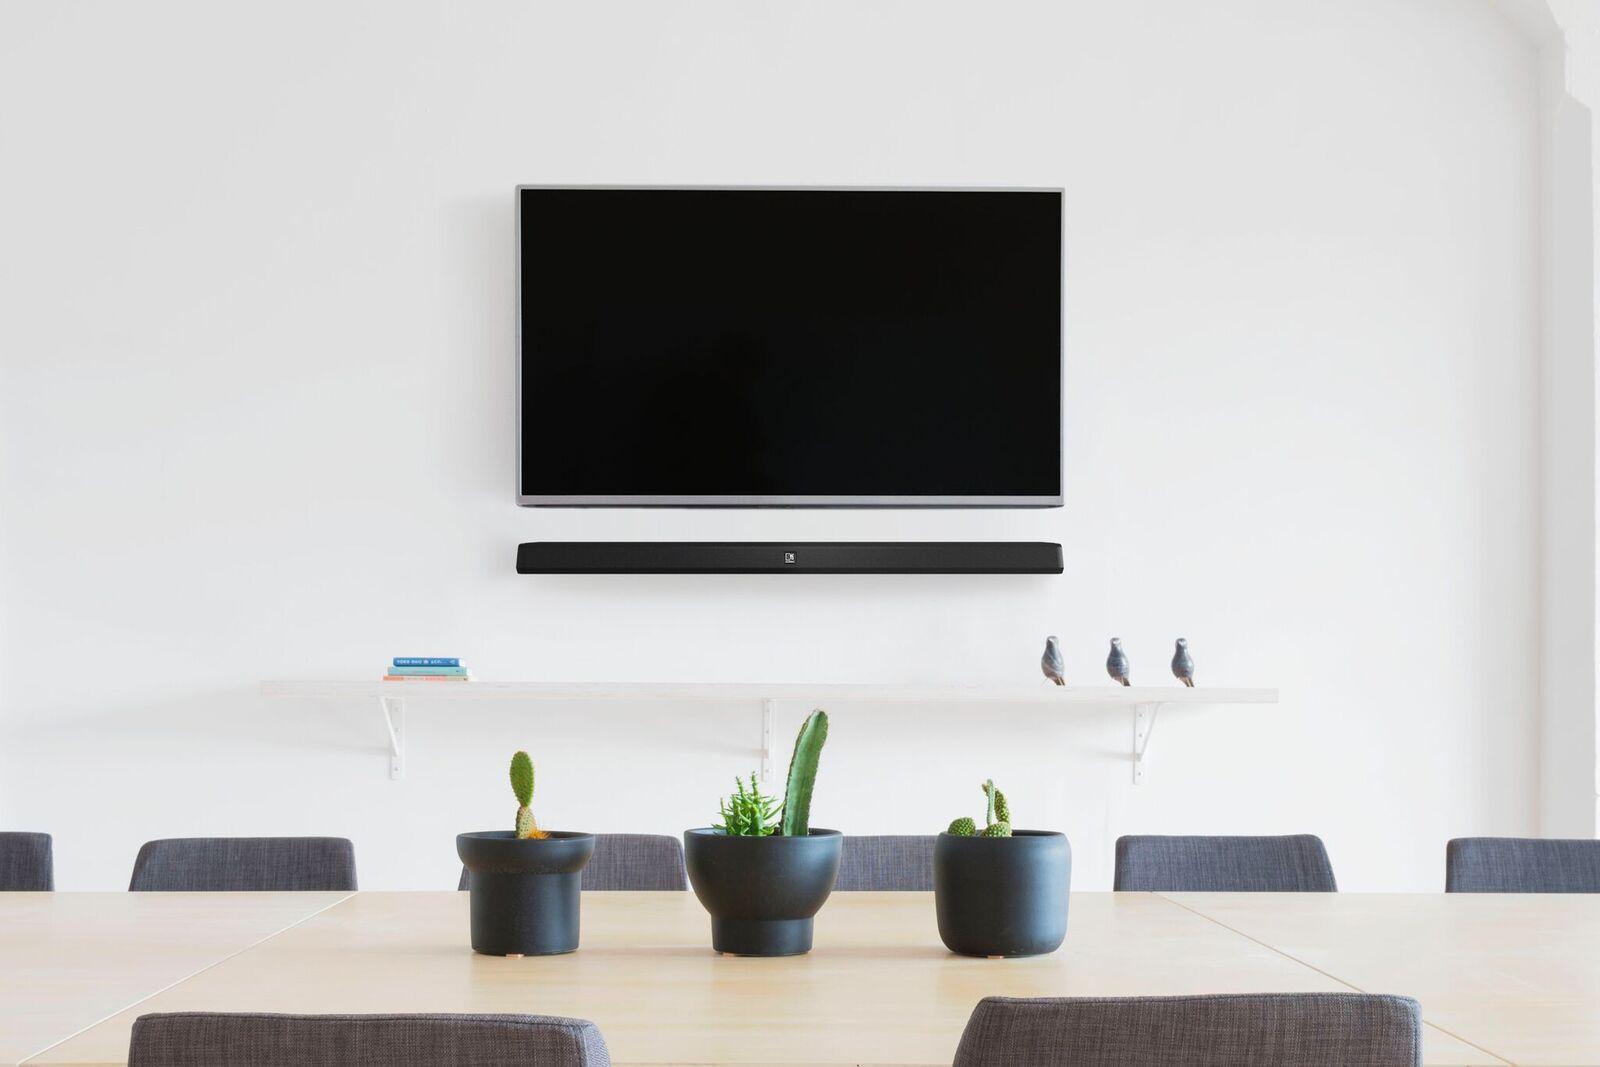 Les étapes à suivre pour connecter une barre de son à un téléviseur